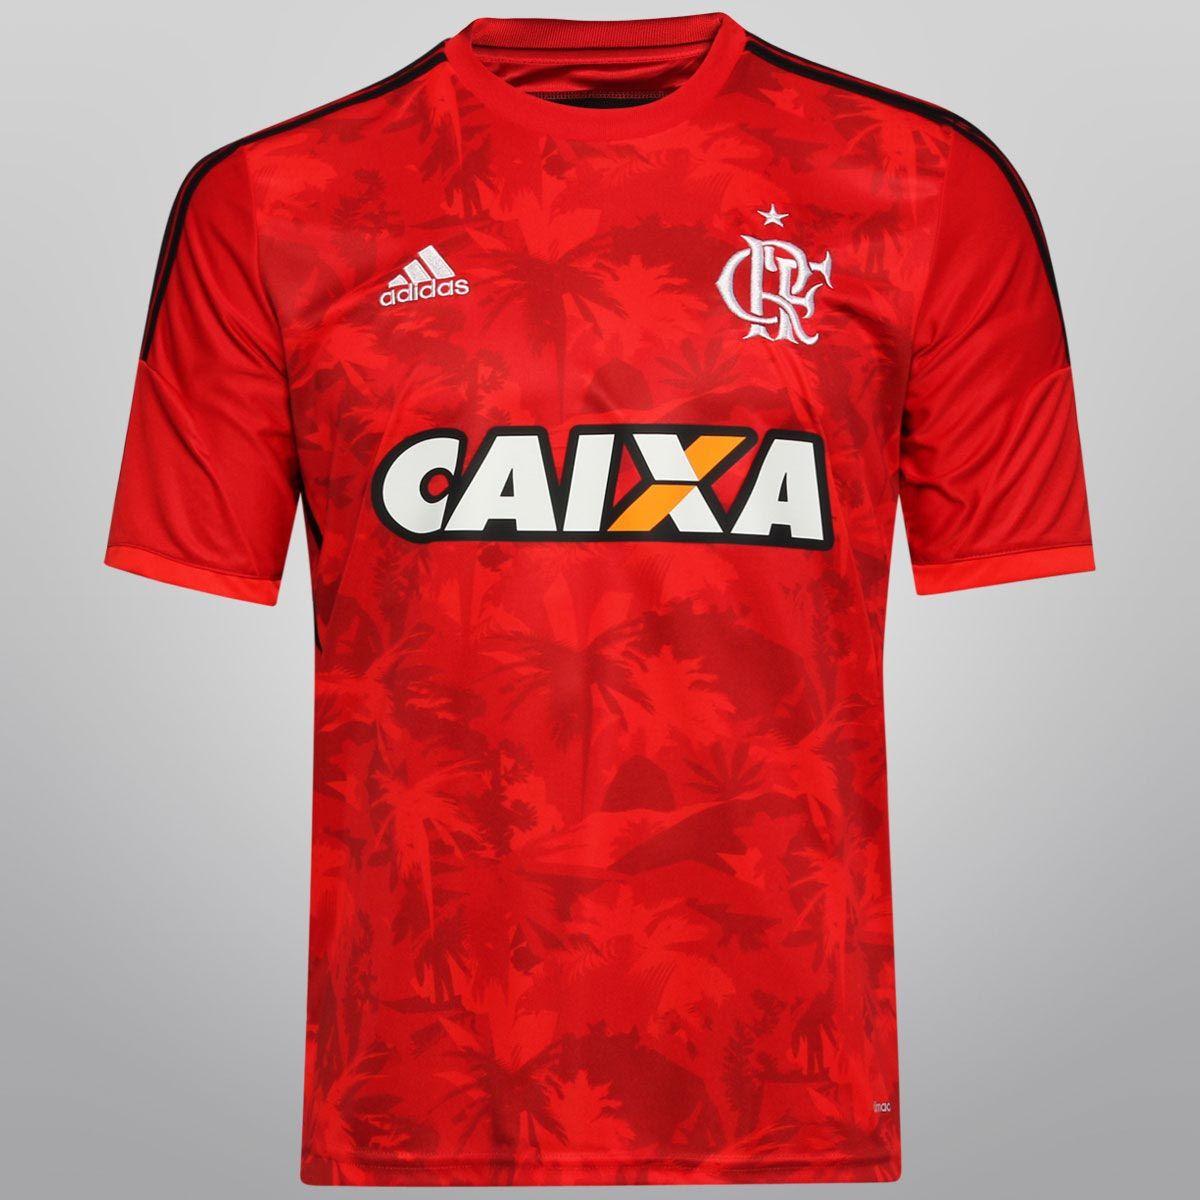 Camisa Adidas Flamengo III 2014 S  Nº - Stigli 6f5d26fb8d1c8